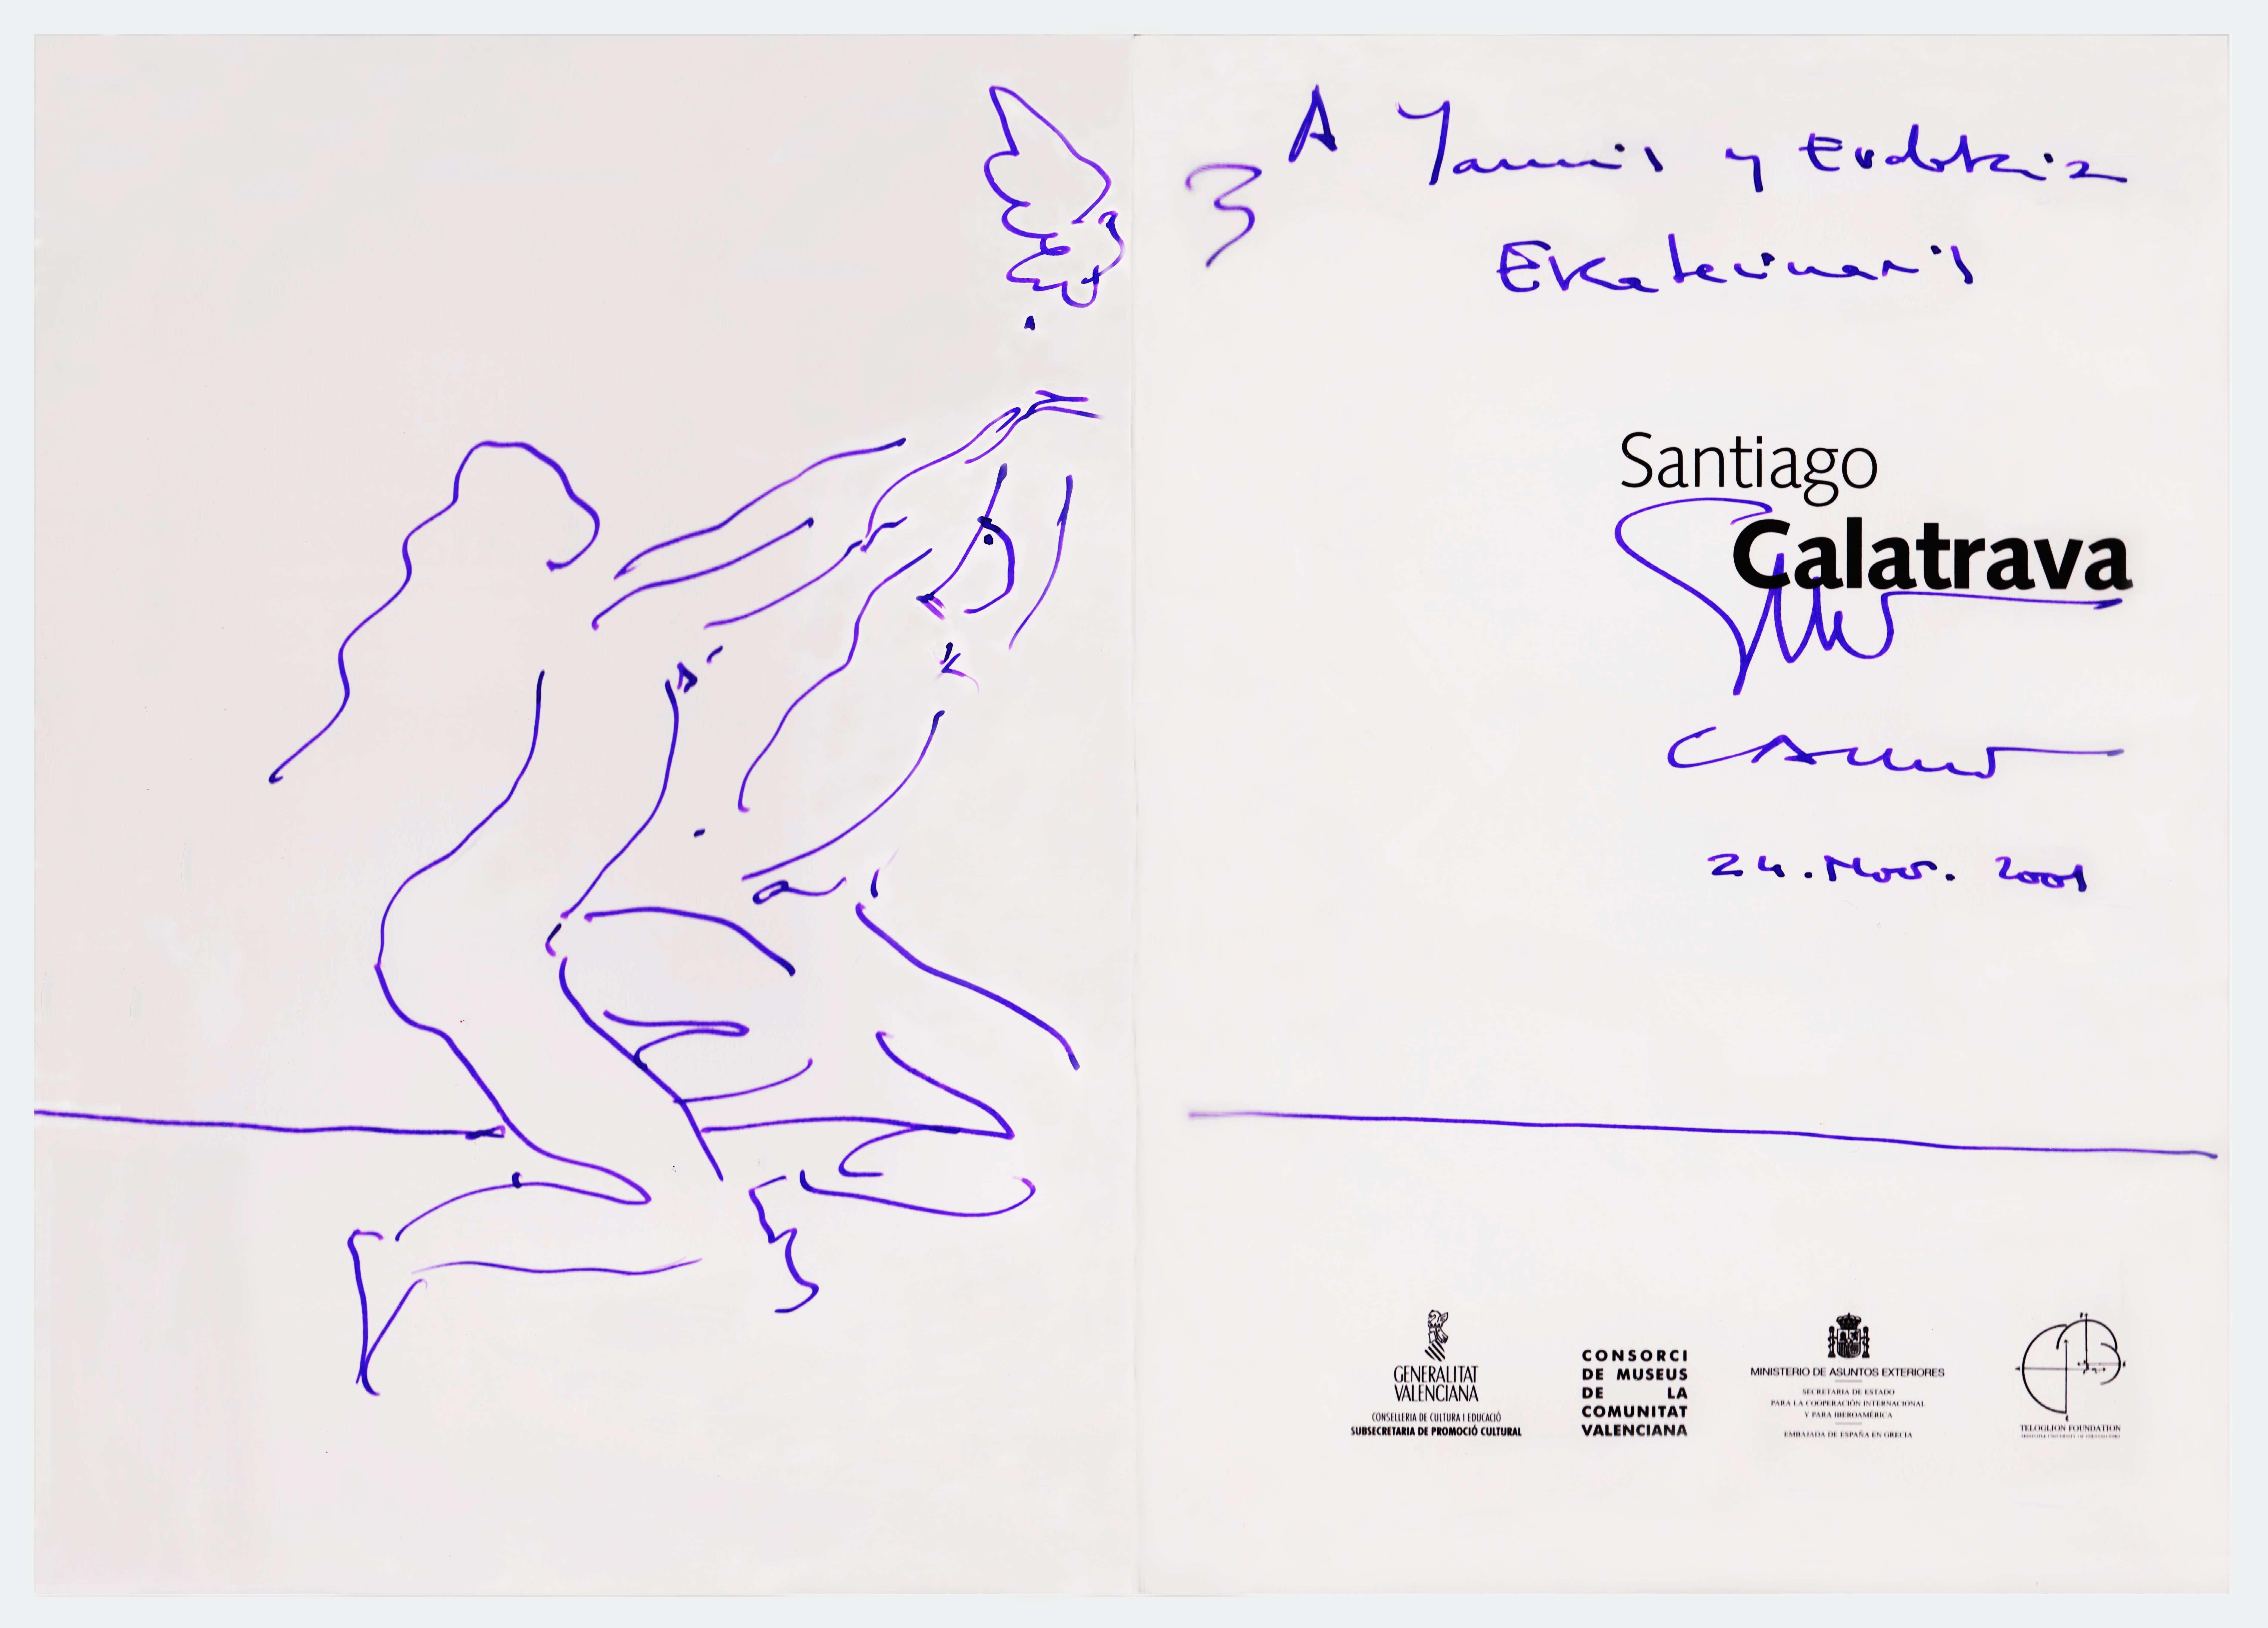 Όταν συνάντησα τον Santiago Calatrava